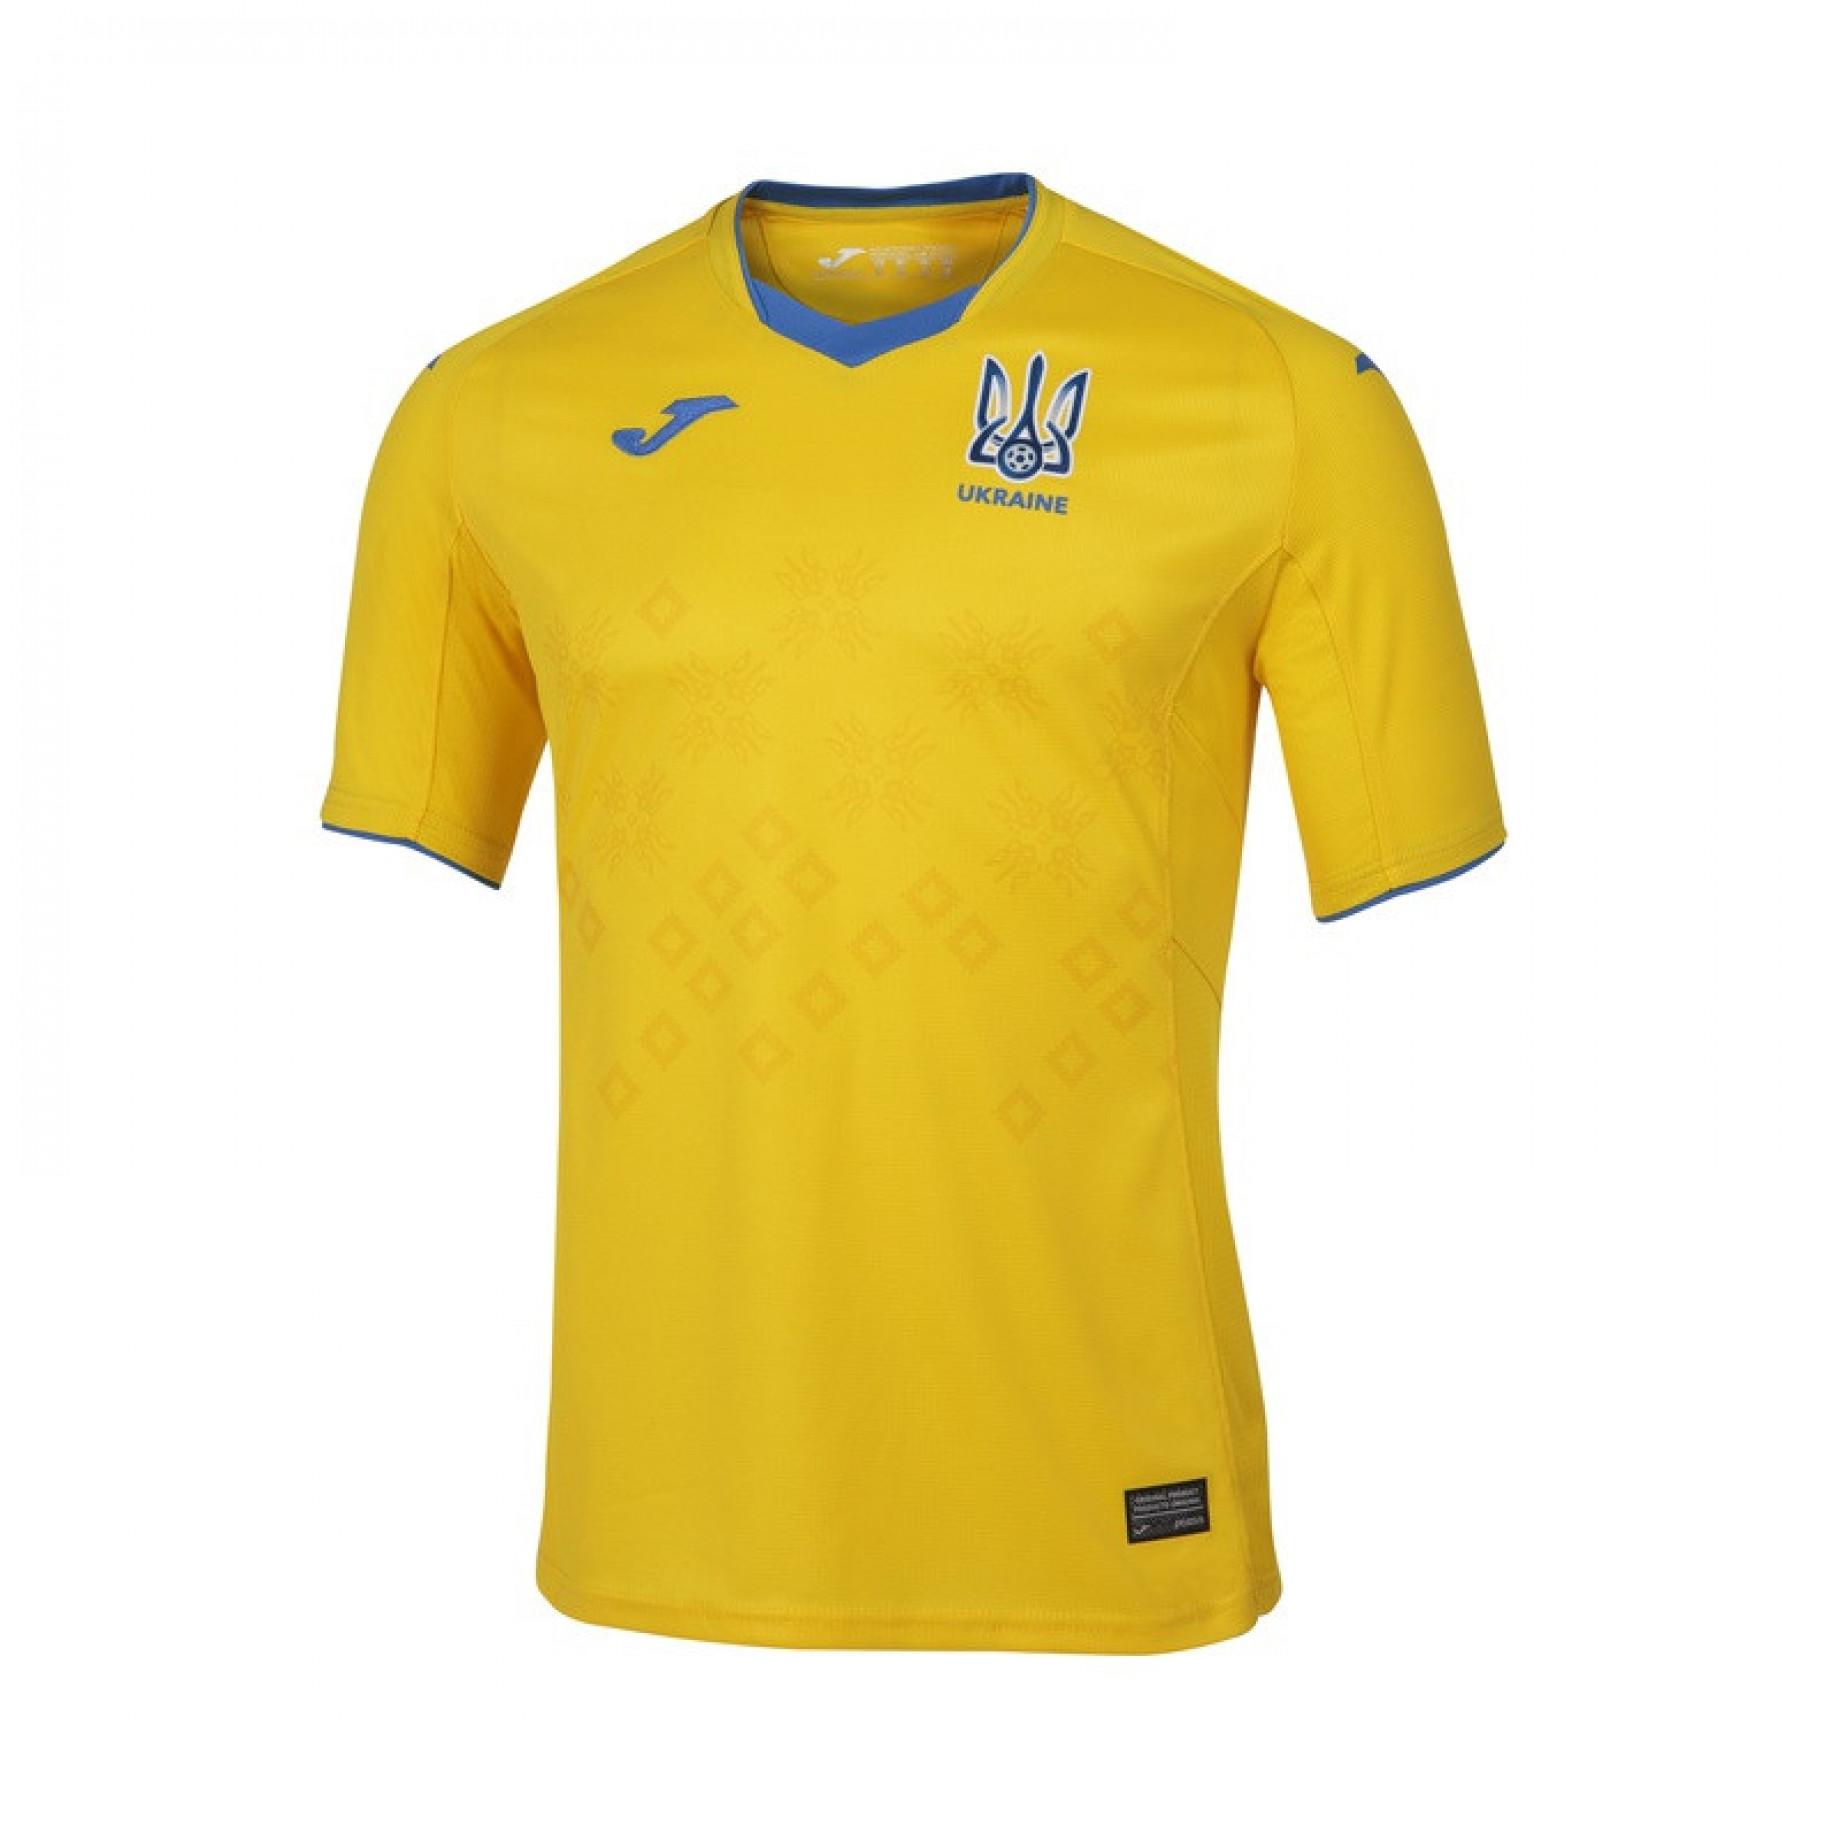 ucraina-gdm.jpeg